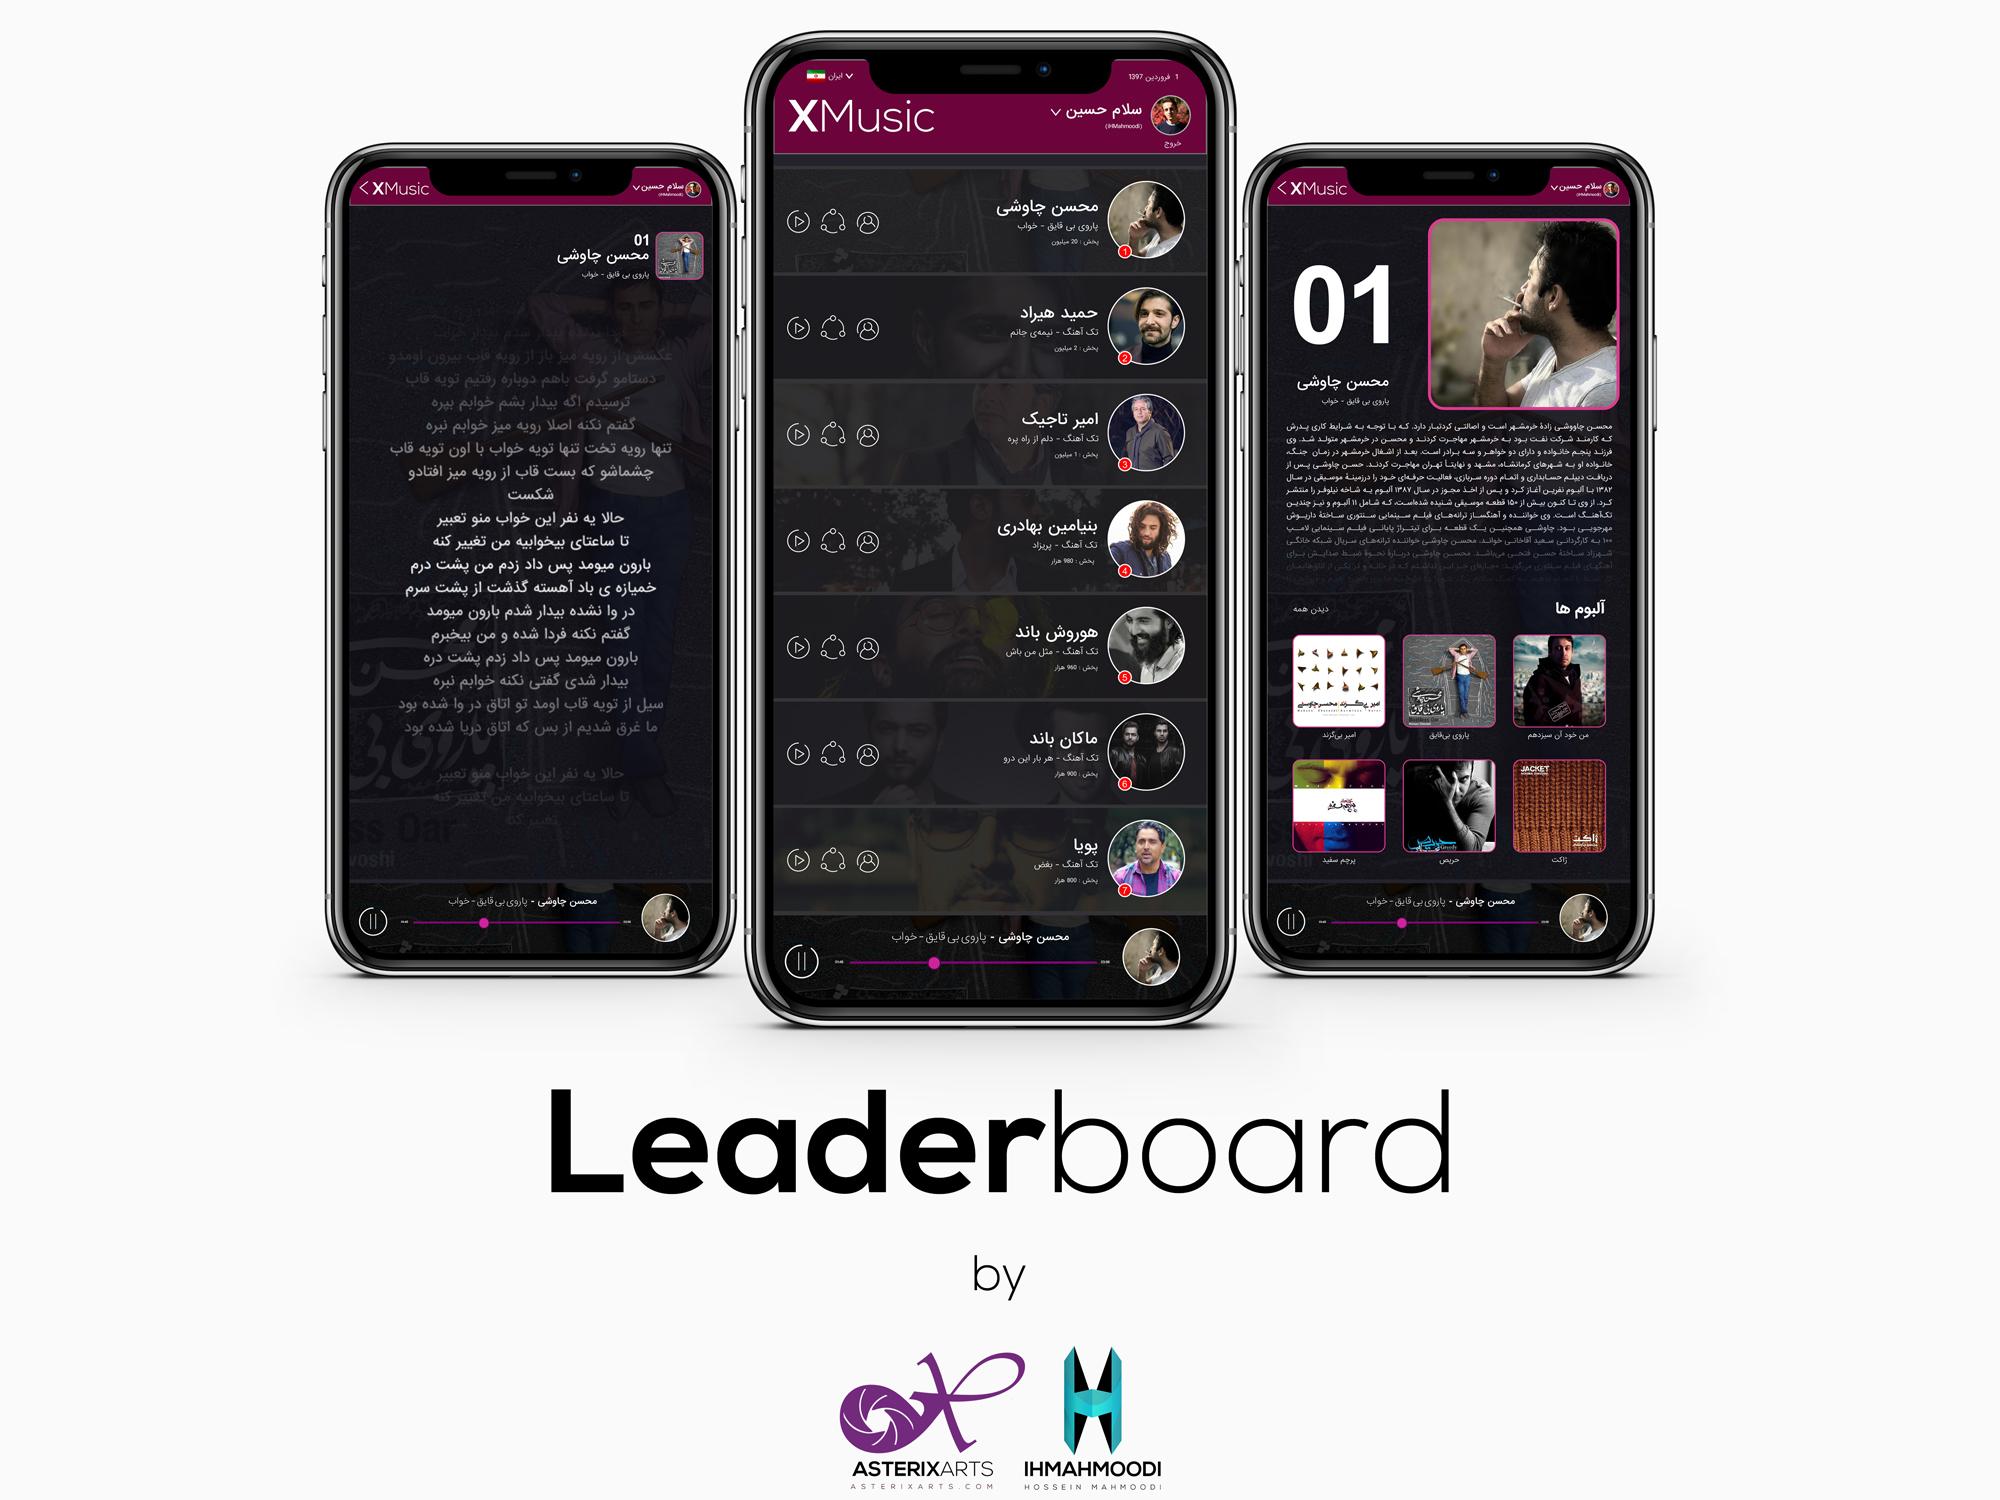 نمونه کار: طراحی رابط کاربری اپلیکیشن برد رتبه بندی ( Leaderboard )